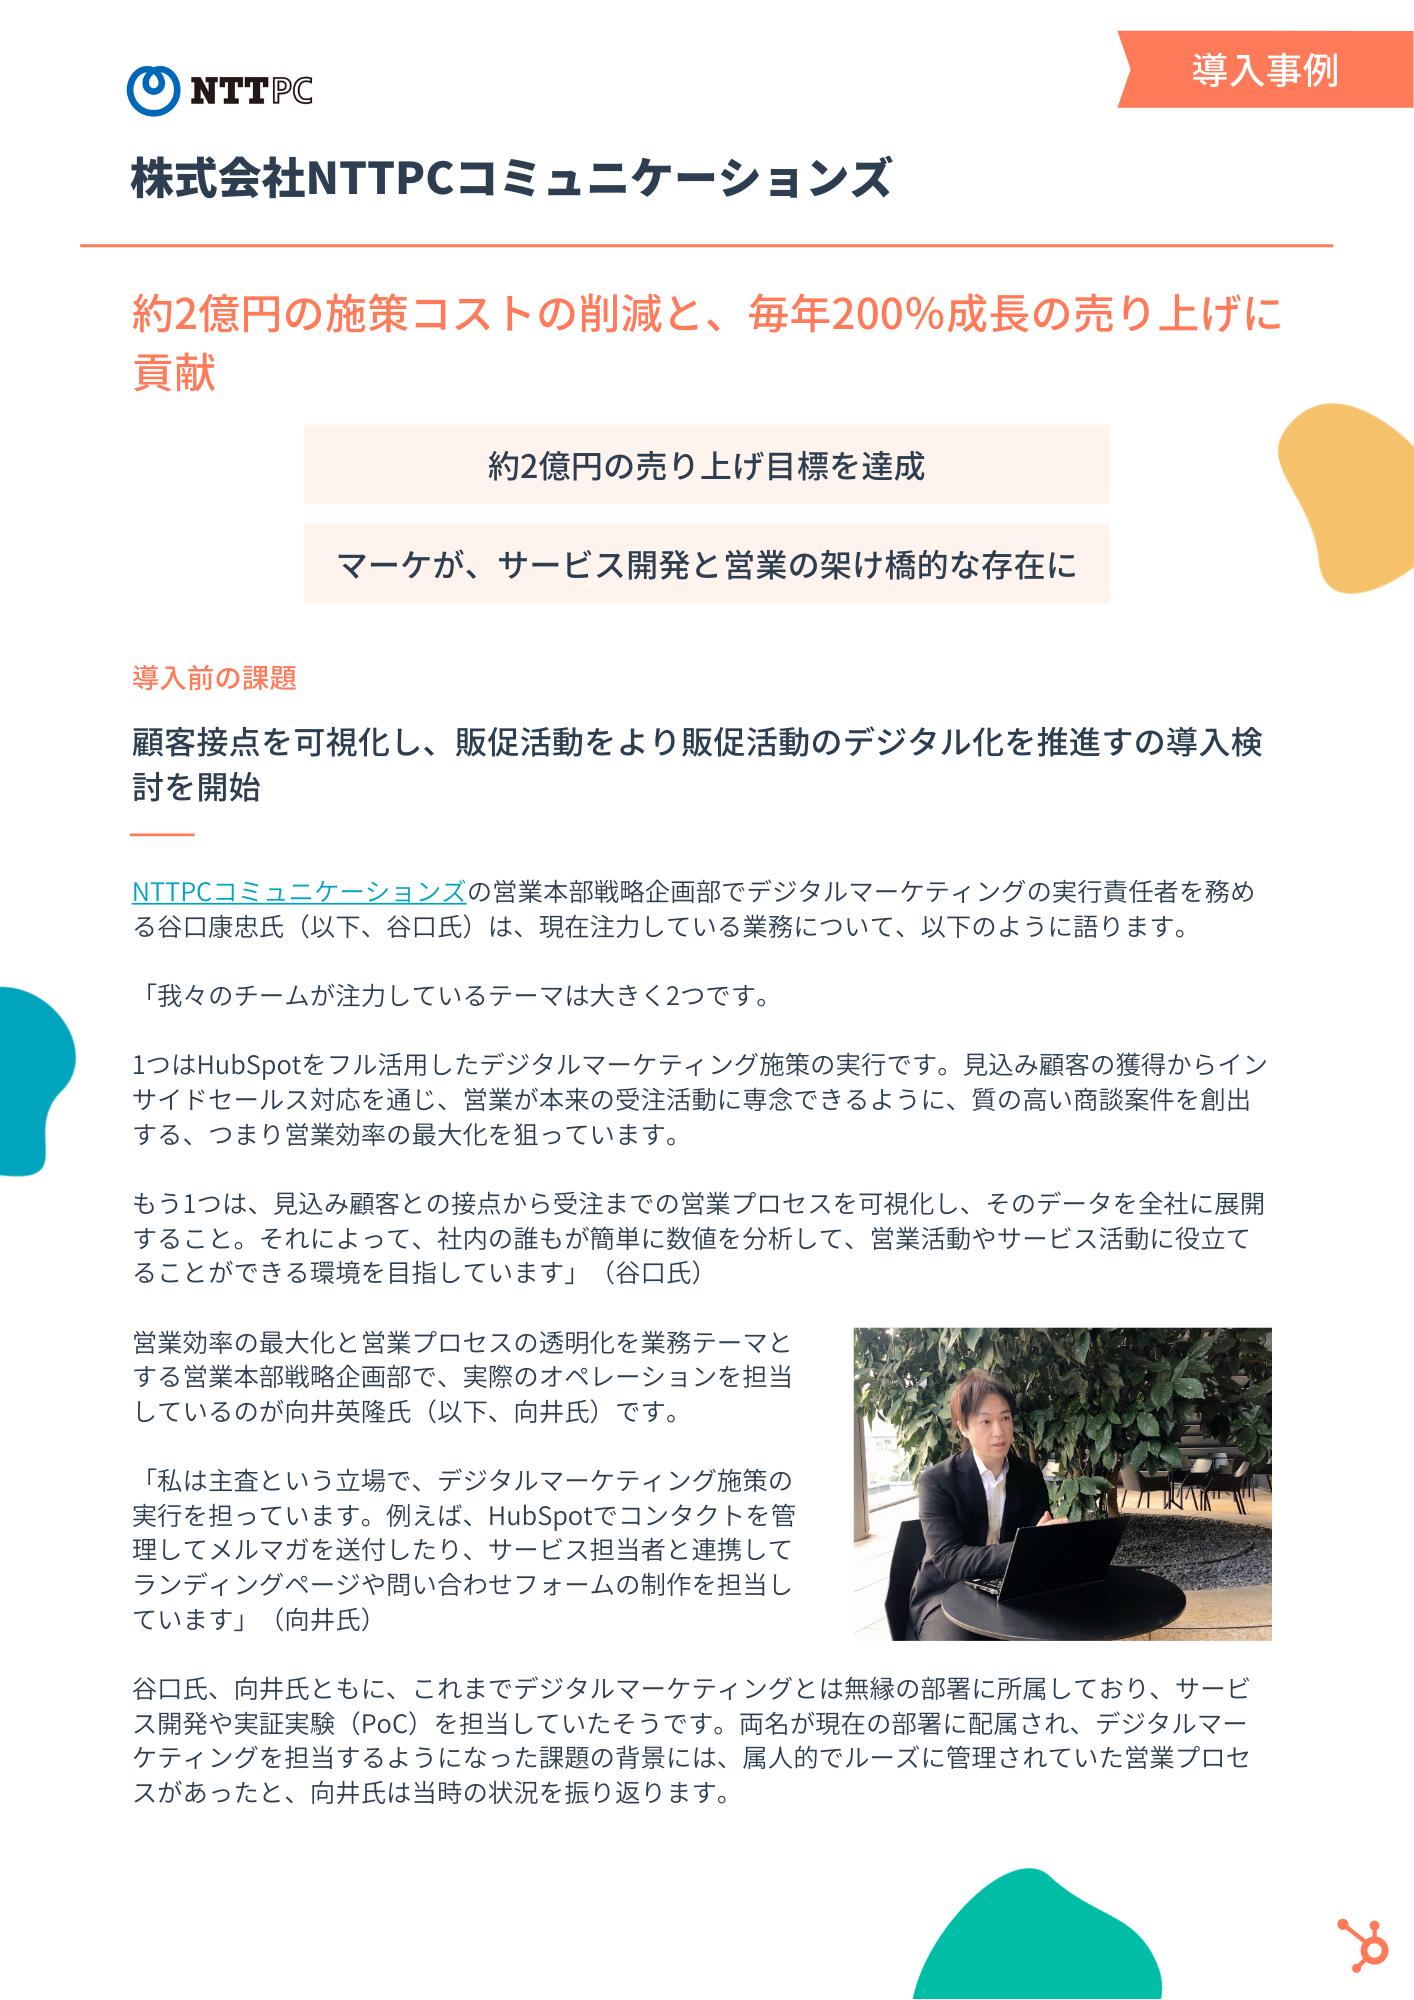 事例PDF&お役立ち資料セット_株式会社NTTPCコミュニケーションズ様_01